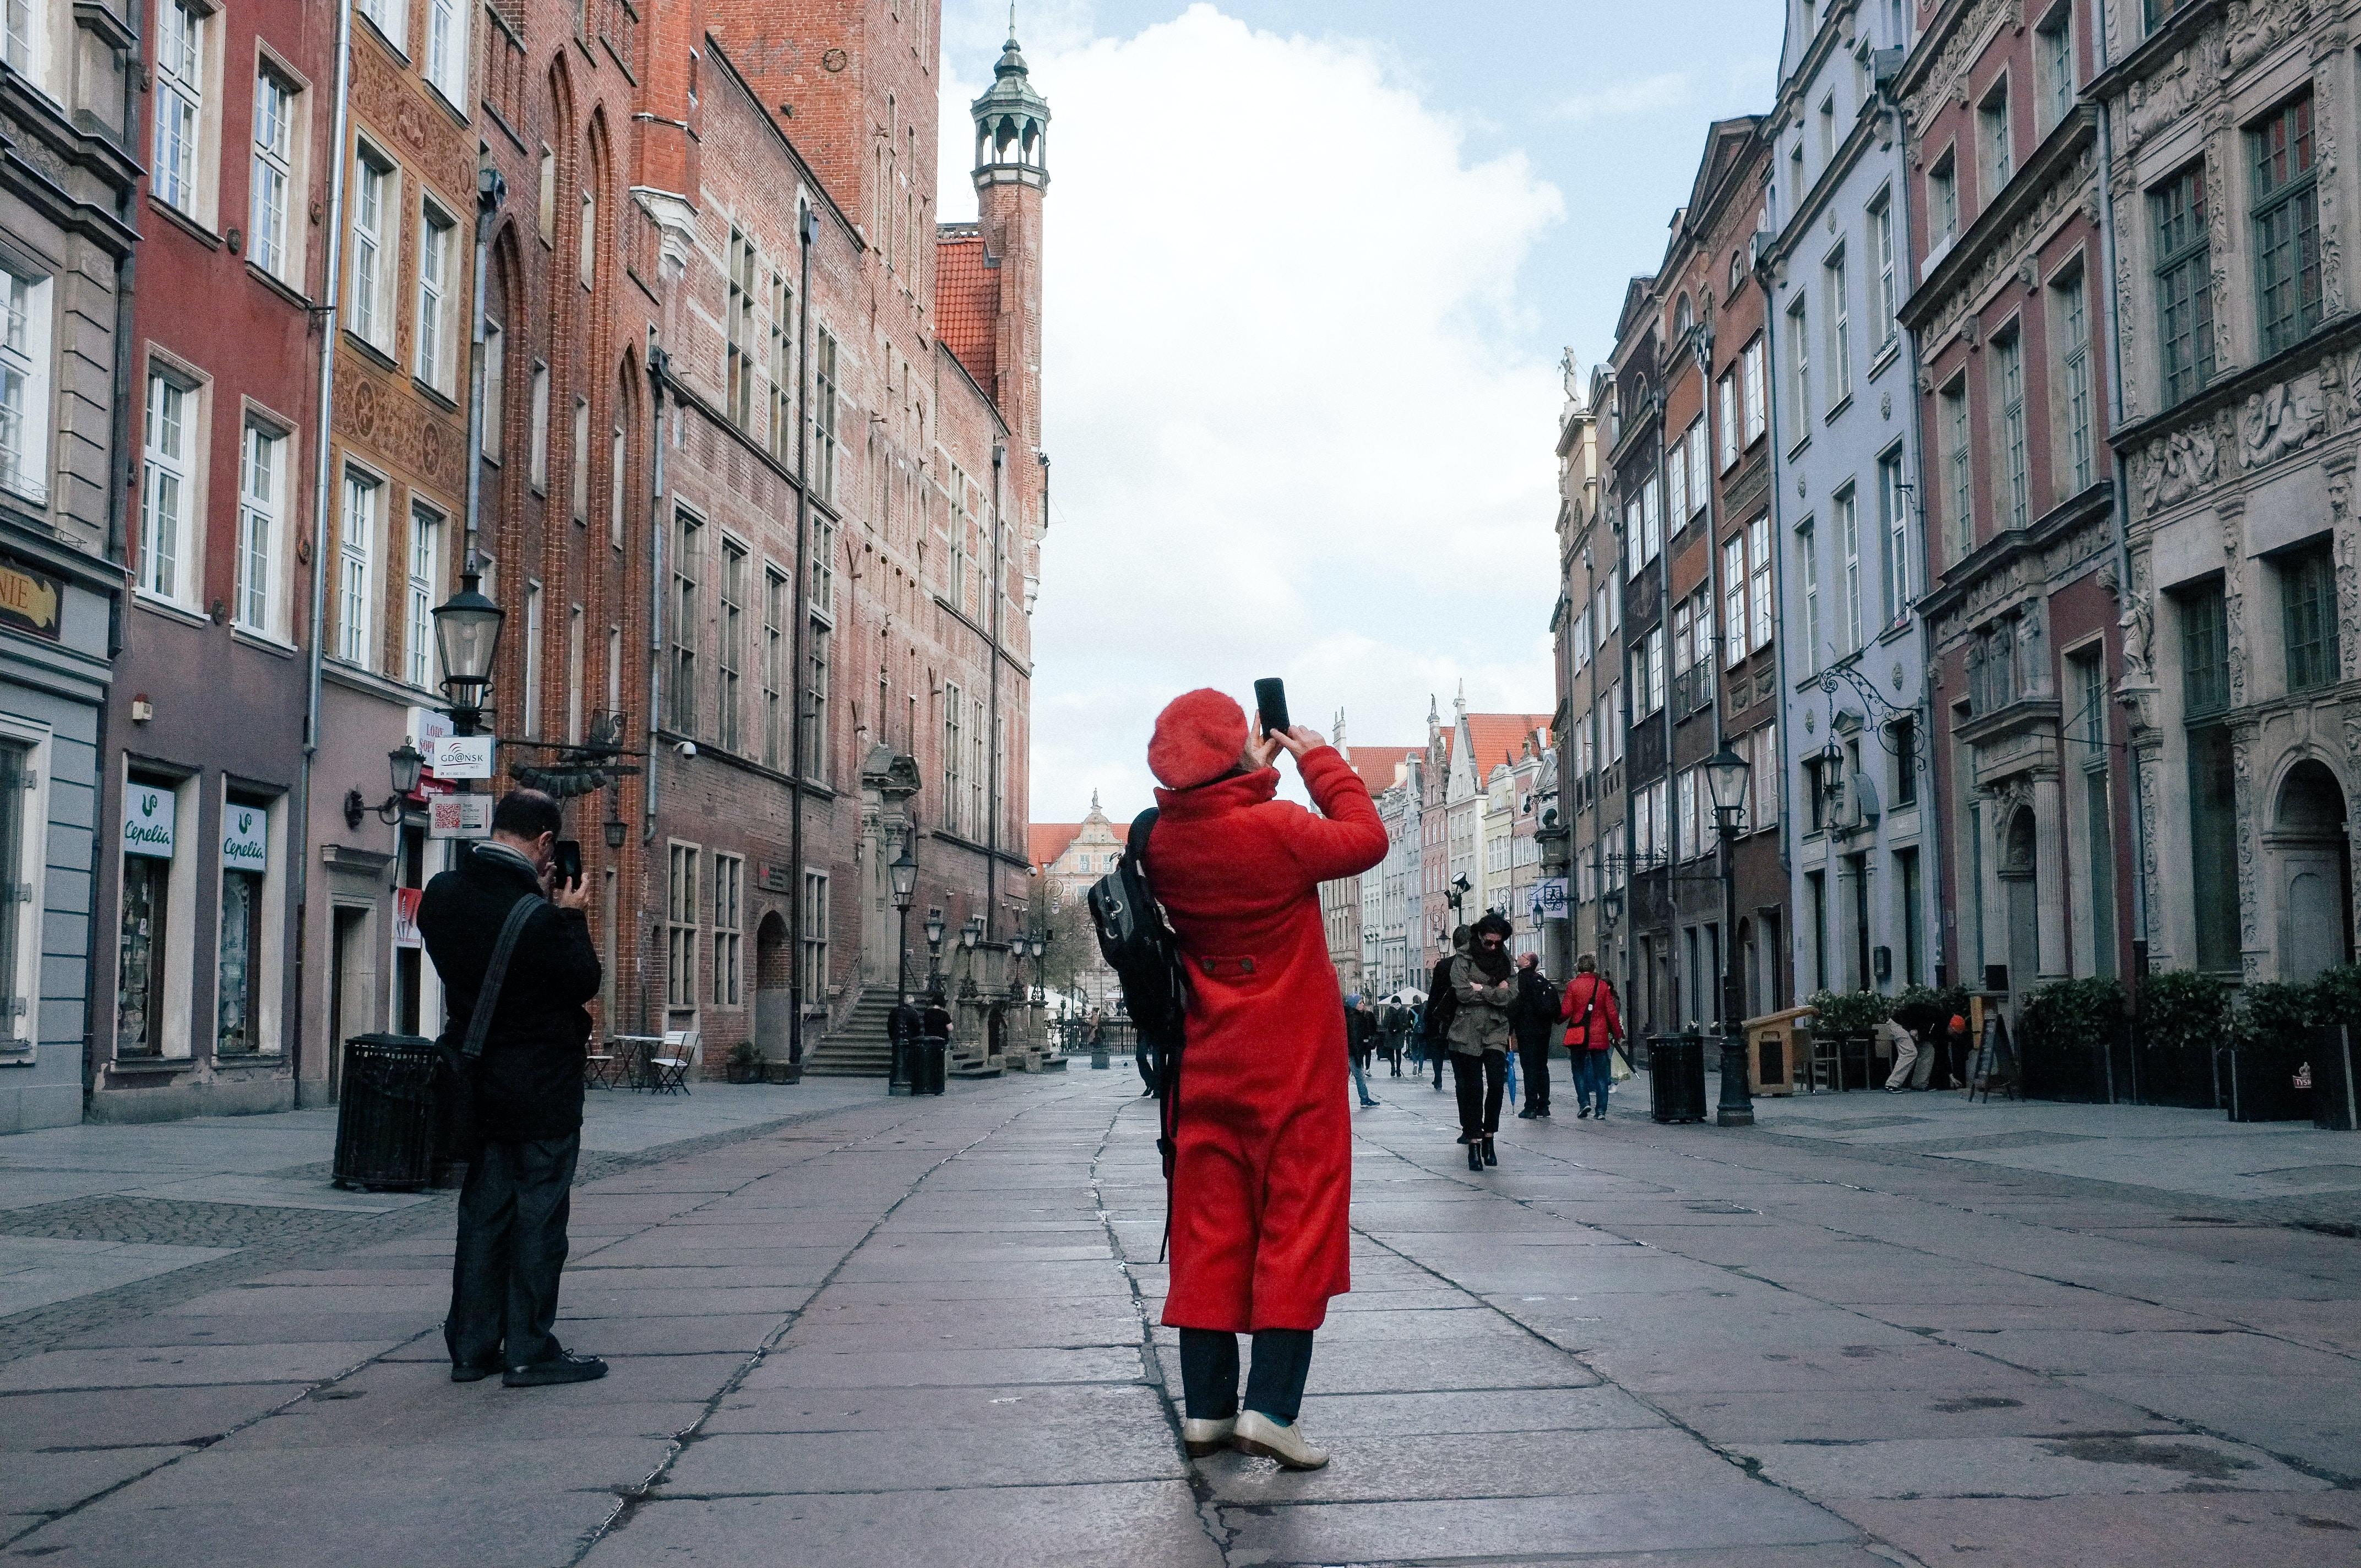 Free Unsplash photo from Mroux Bulikowska